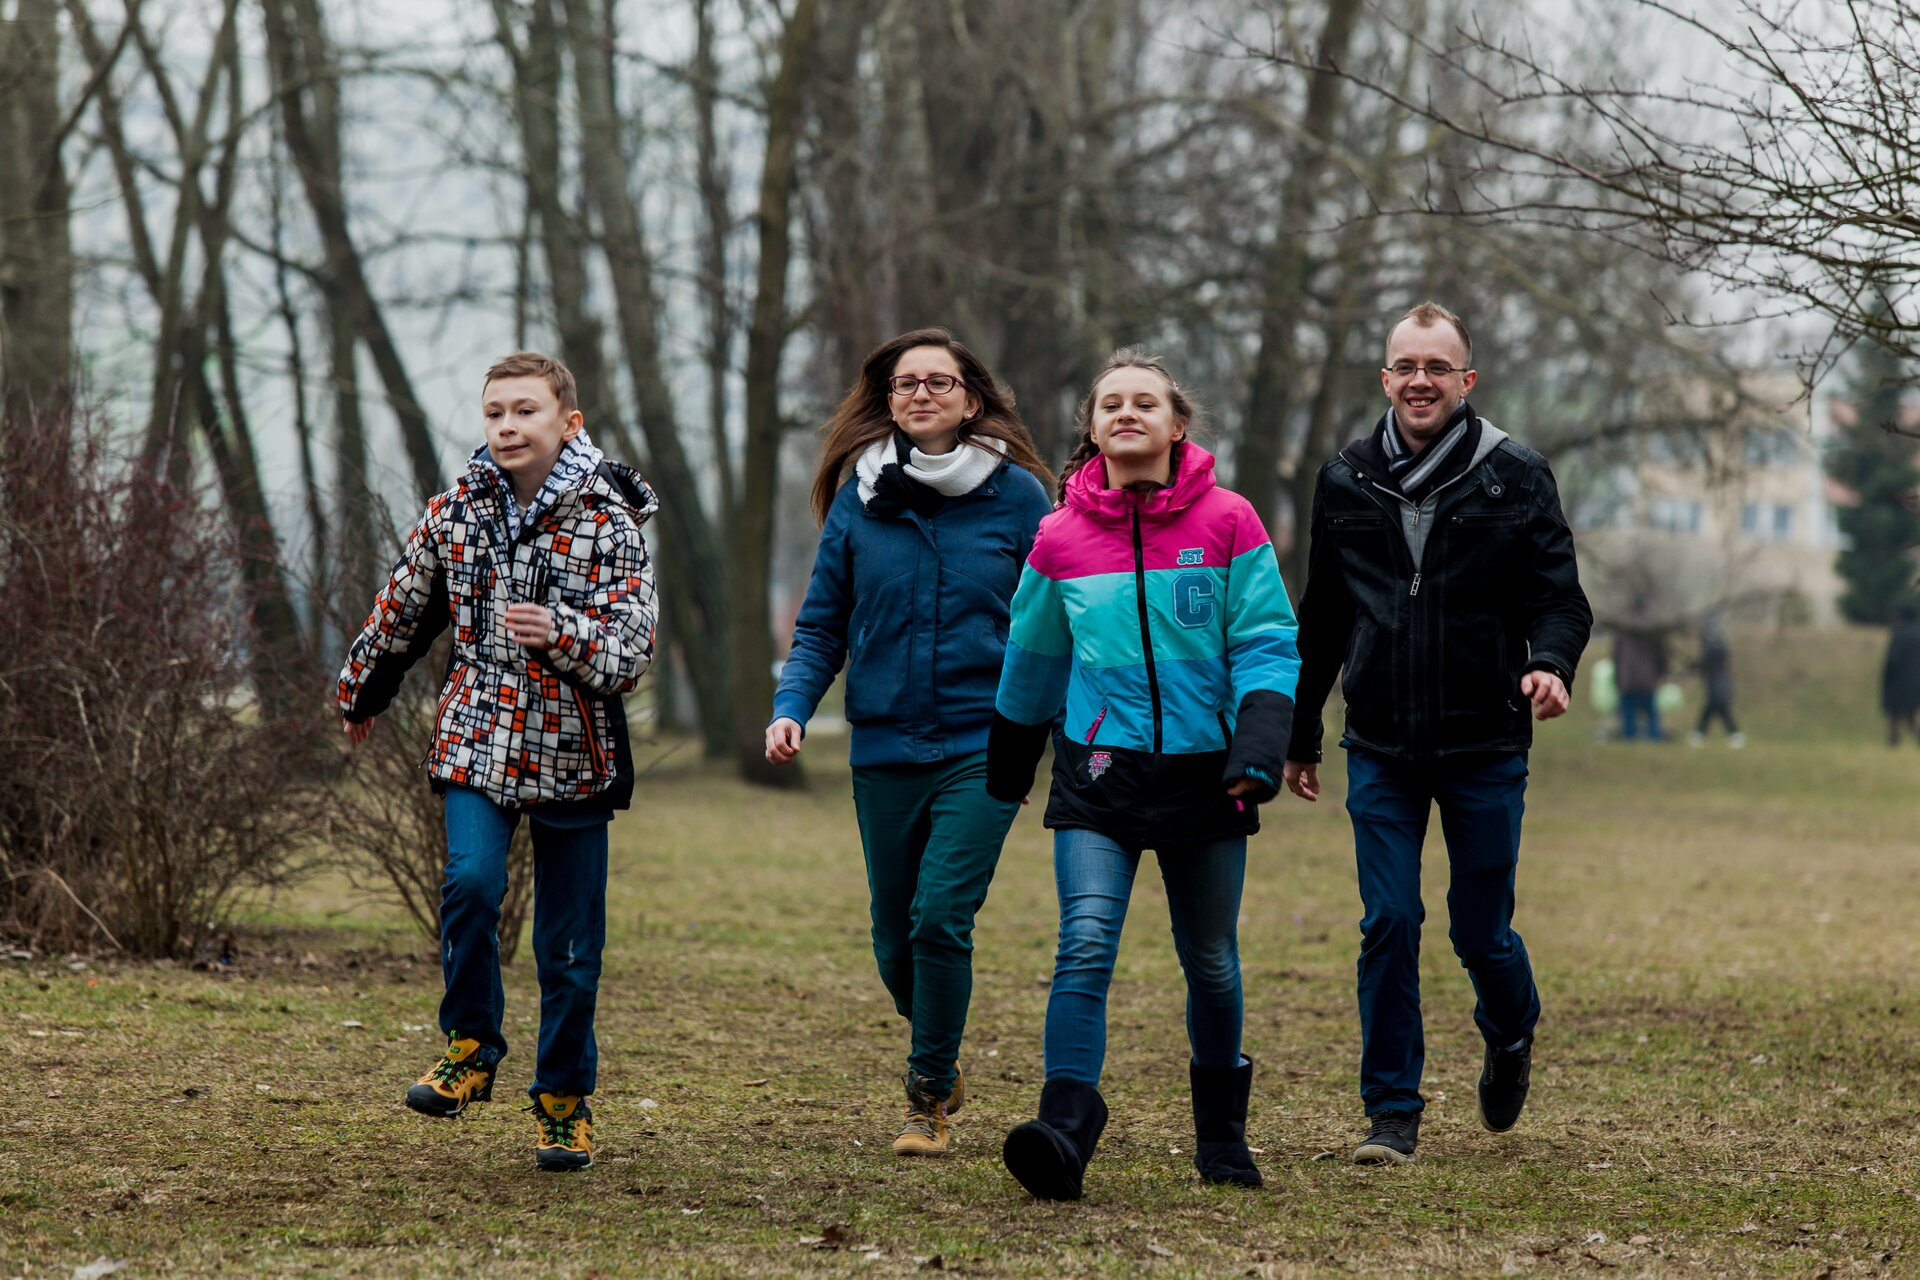 Fotografia przedstawia cztery osoby biegające lub spacerujące szybkim krokiem po jesiennym parku.